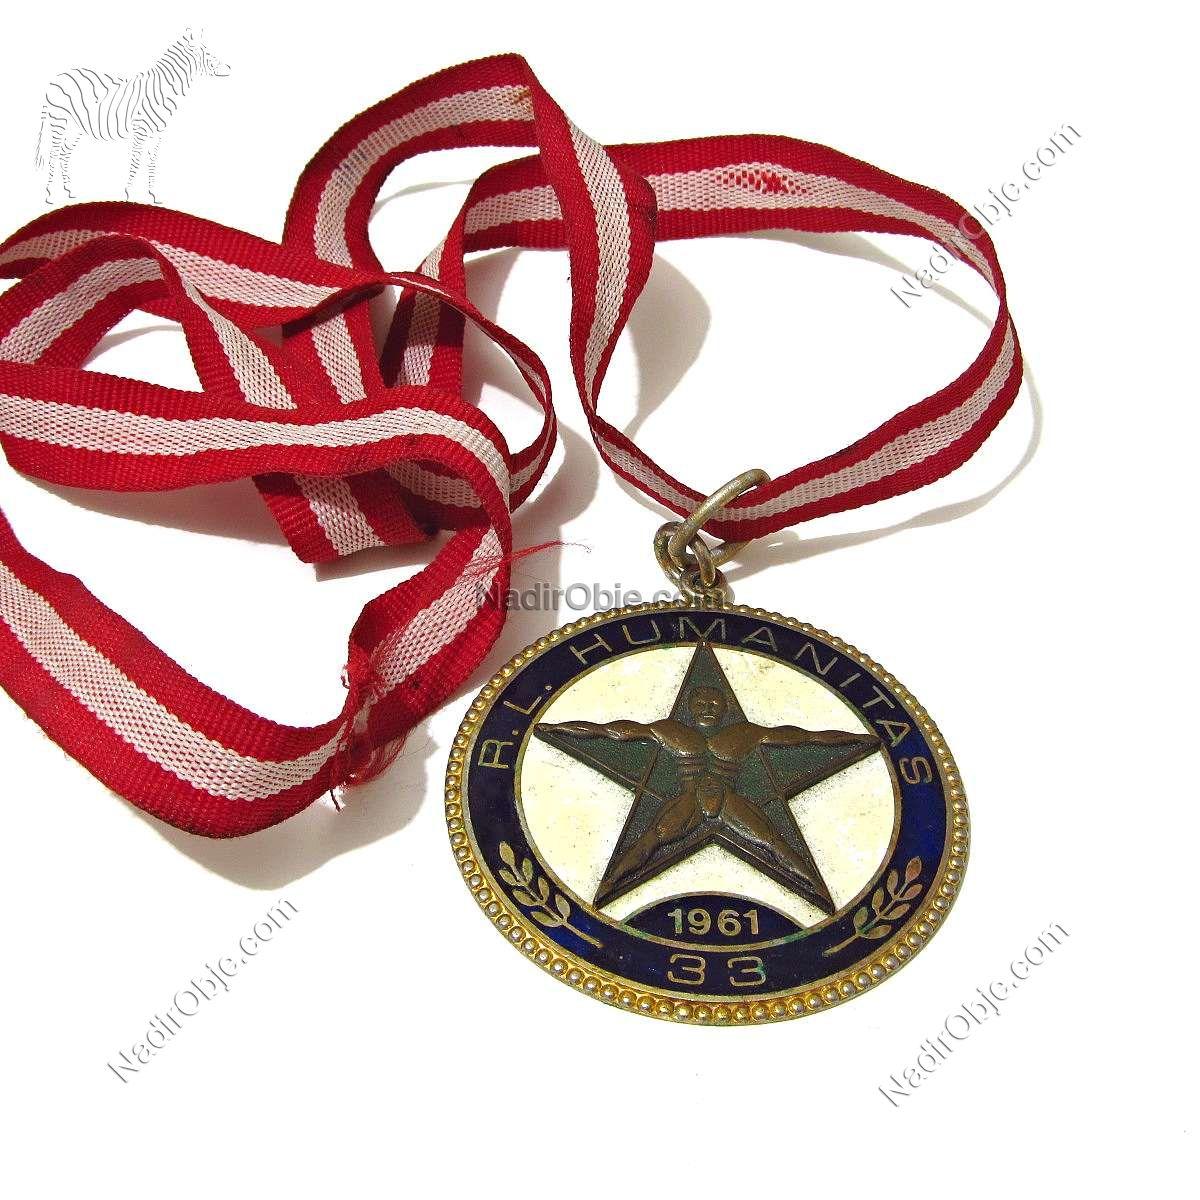 1961 Yılı 33.Derece Mason Madalyası Metal Objeler Madalya